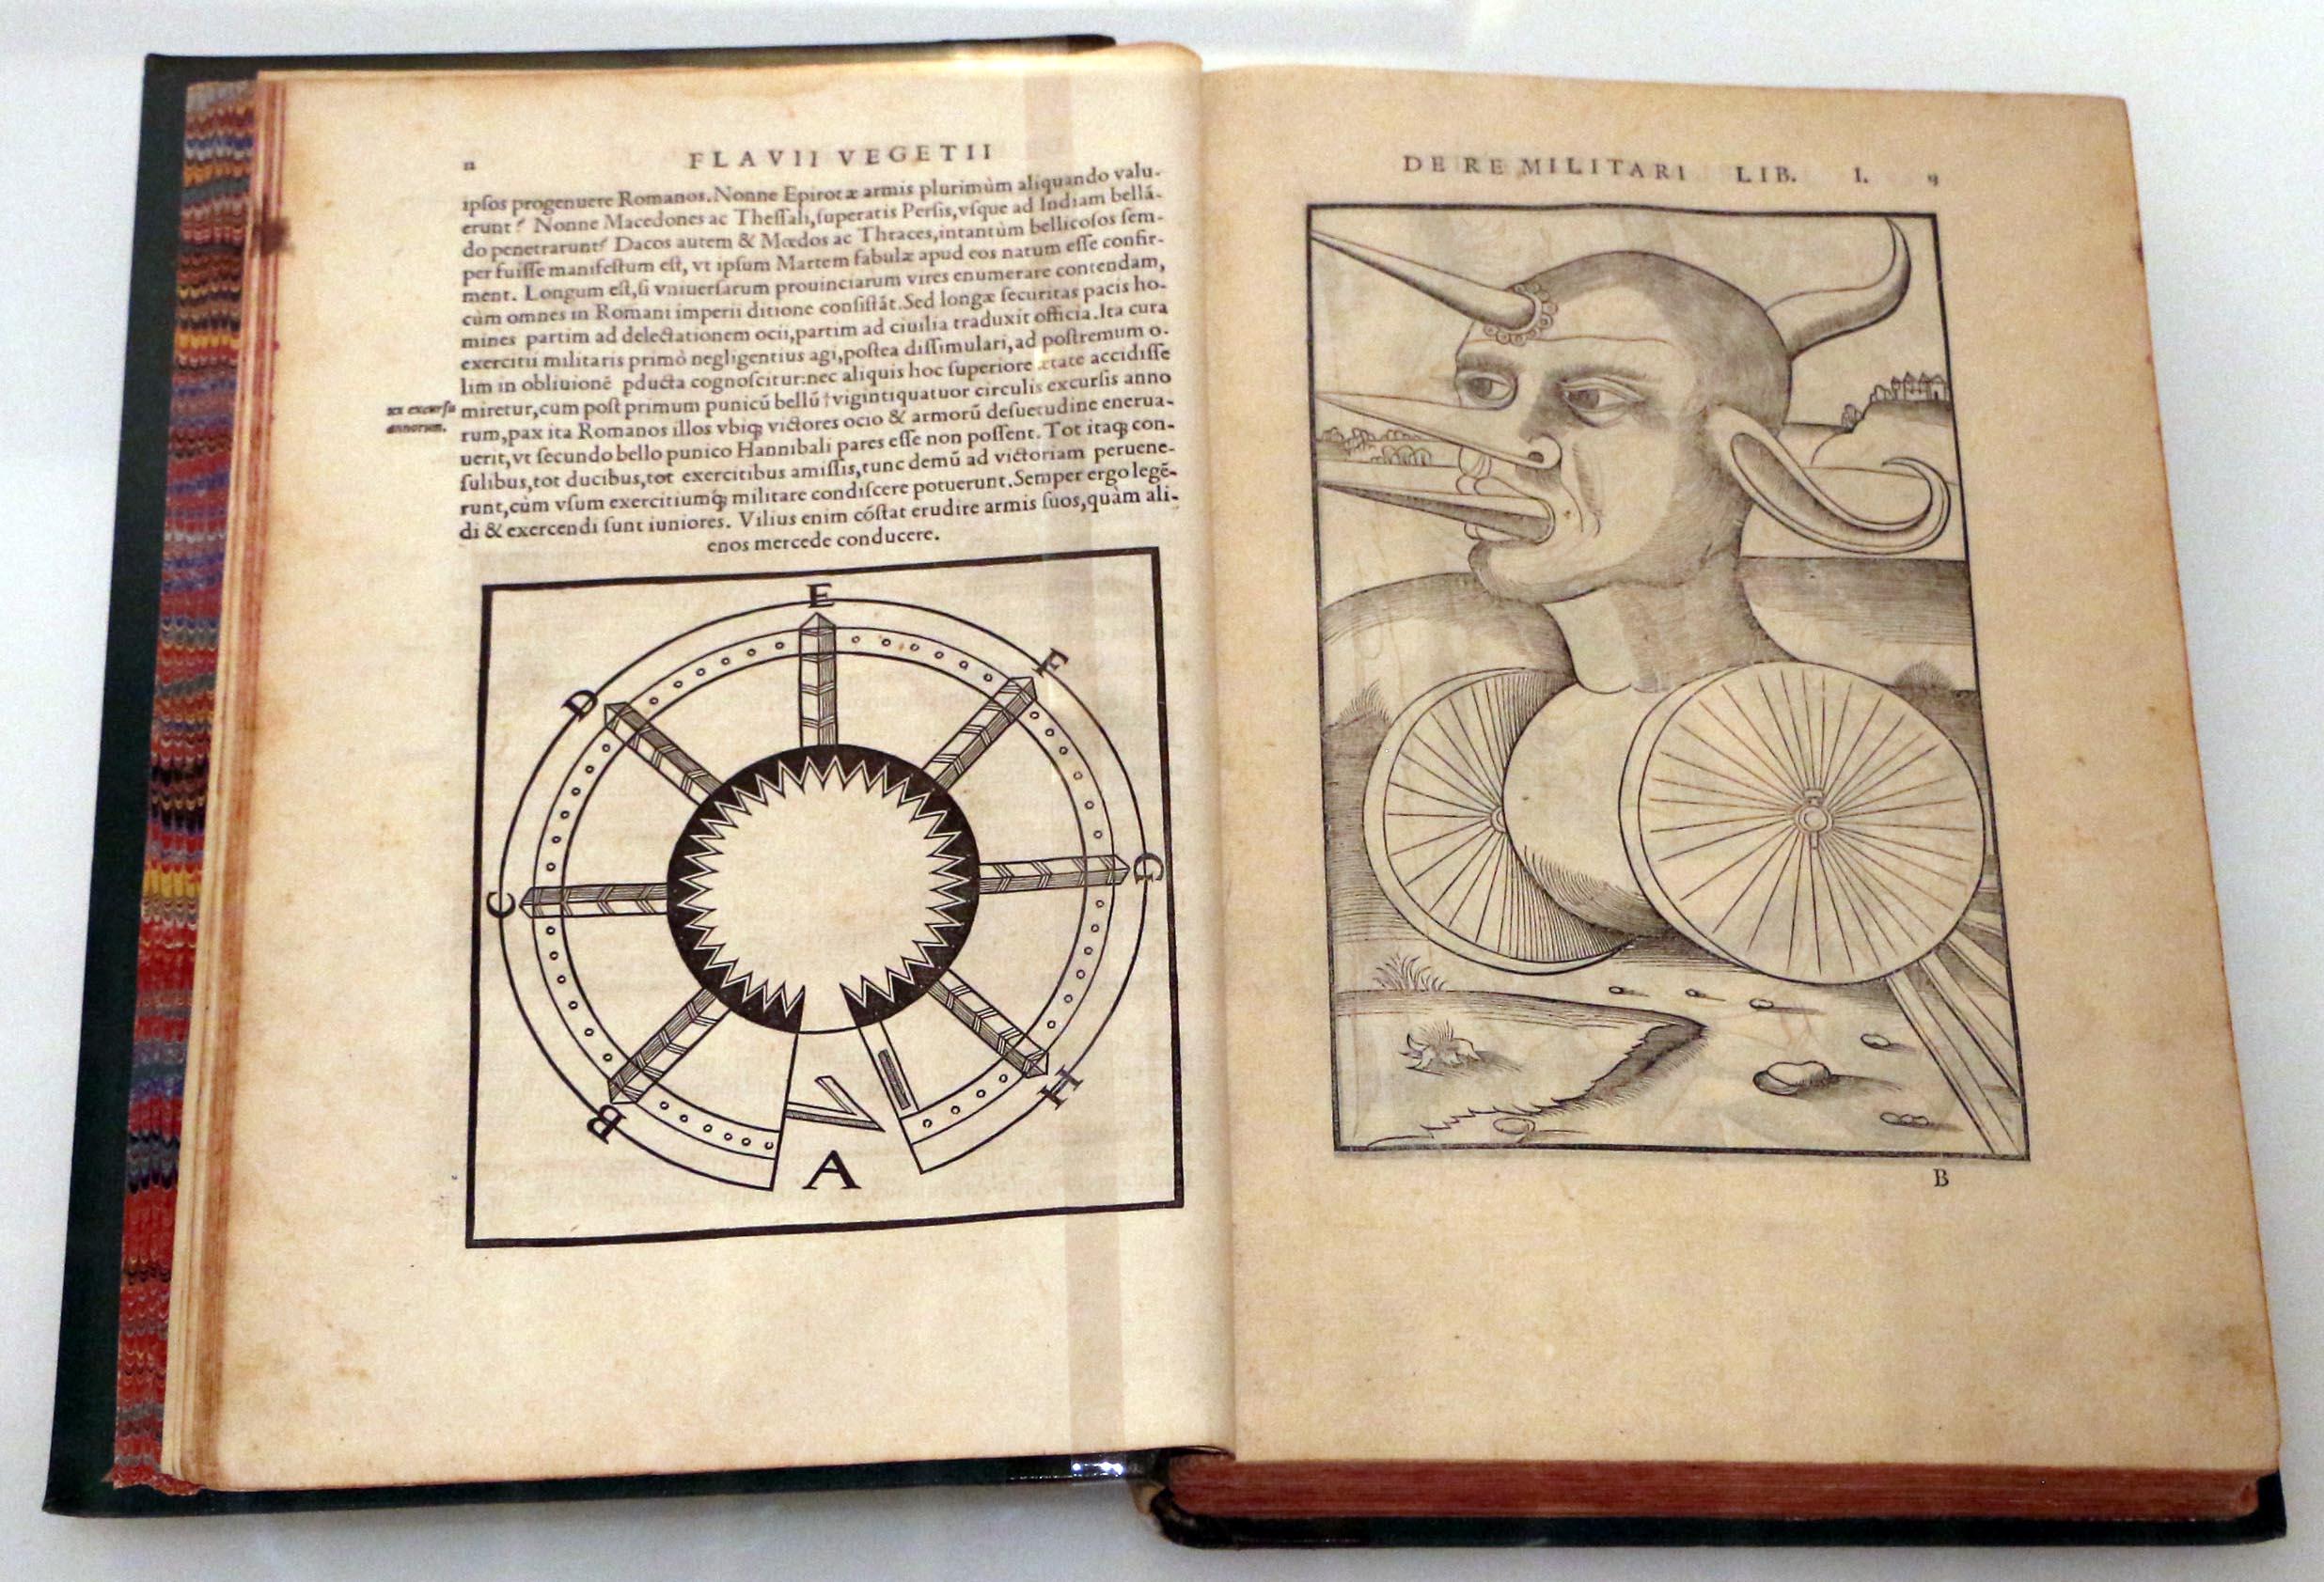 File:Flavius vegetius renatus, de rei militari libri IV, parigi ...